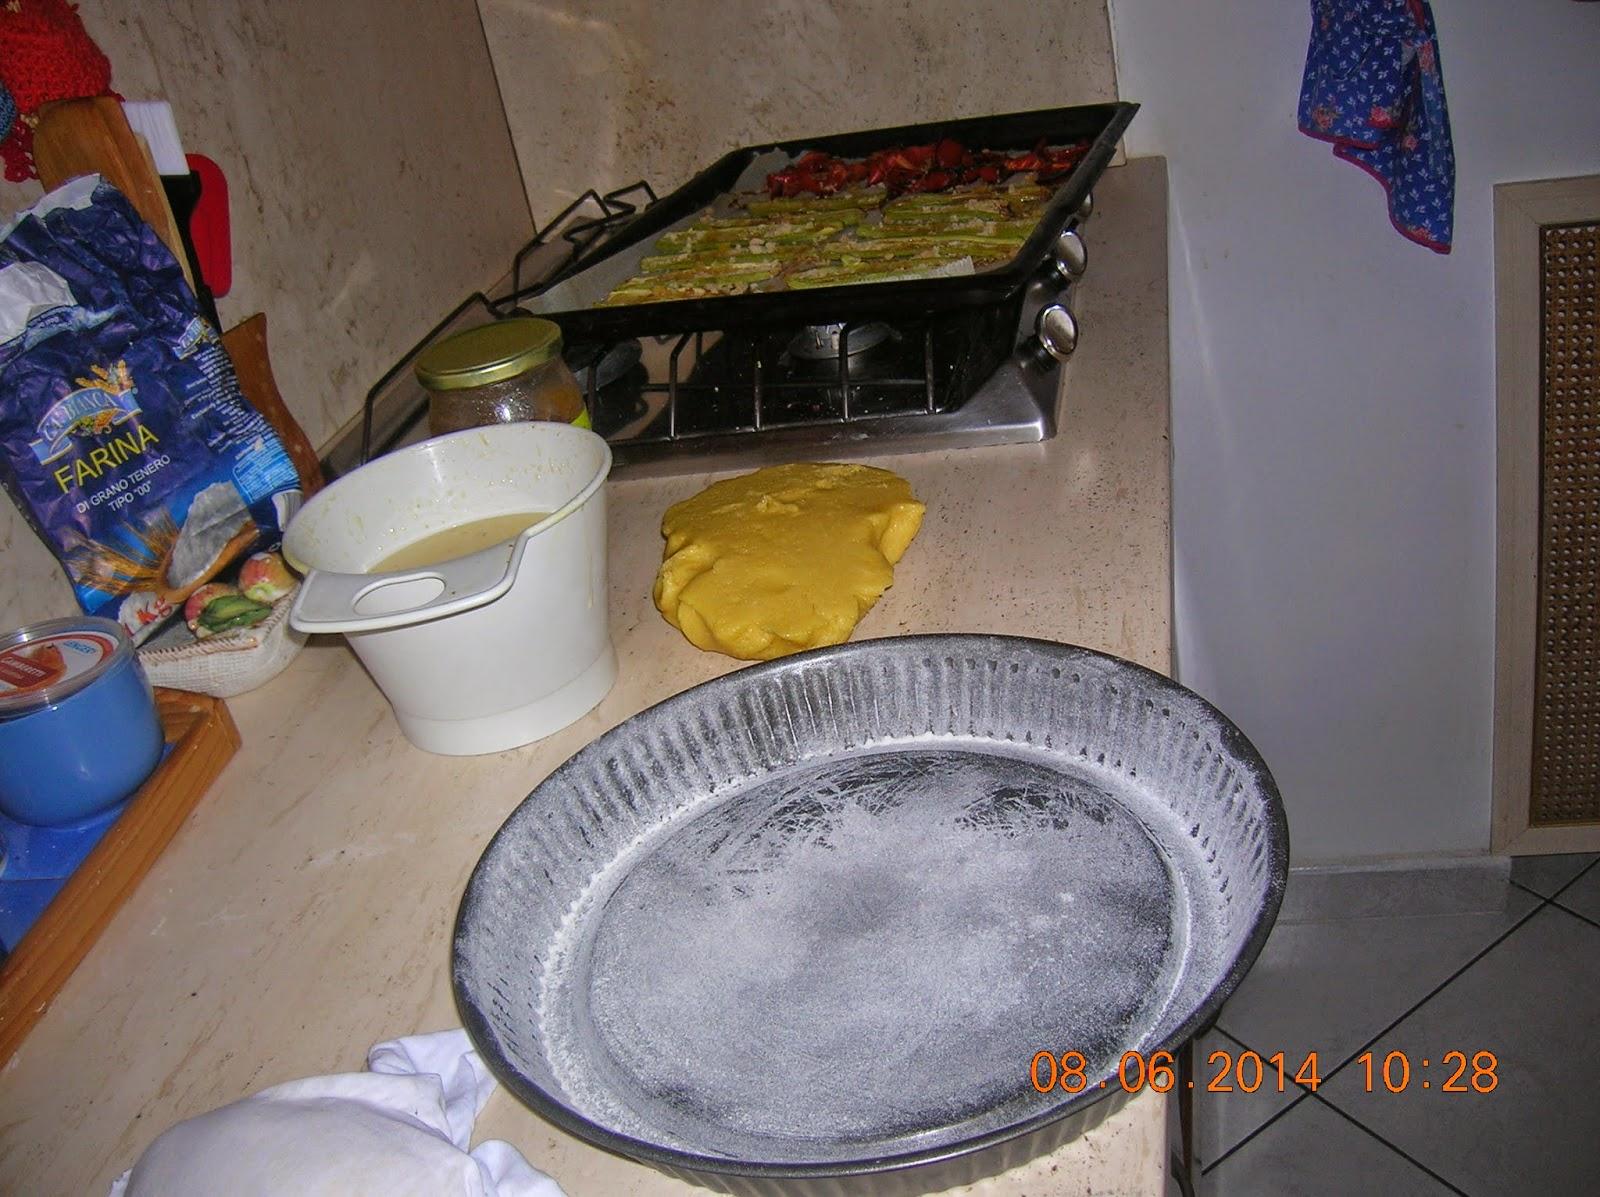 crostata di marmellata morbida - crepes dolci farcite - roselline di mele a modo mio - tiramisu  alle fragole  a modo mio